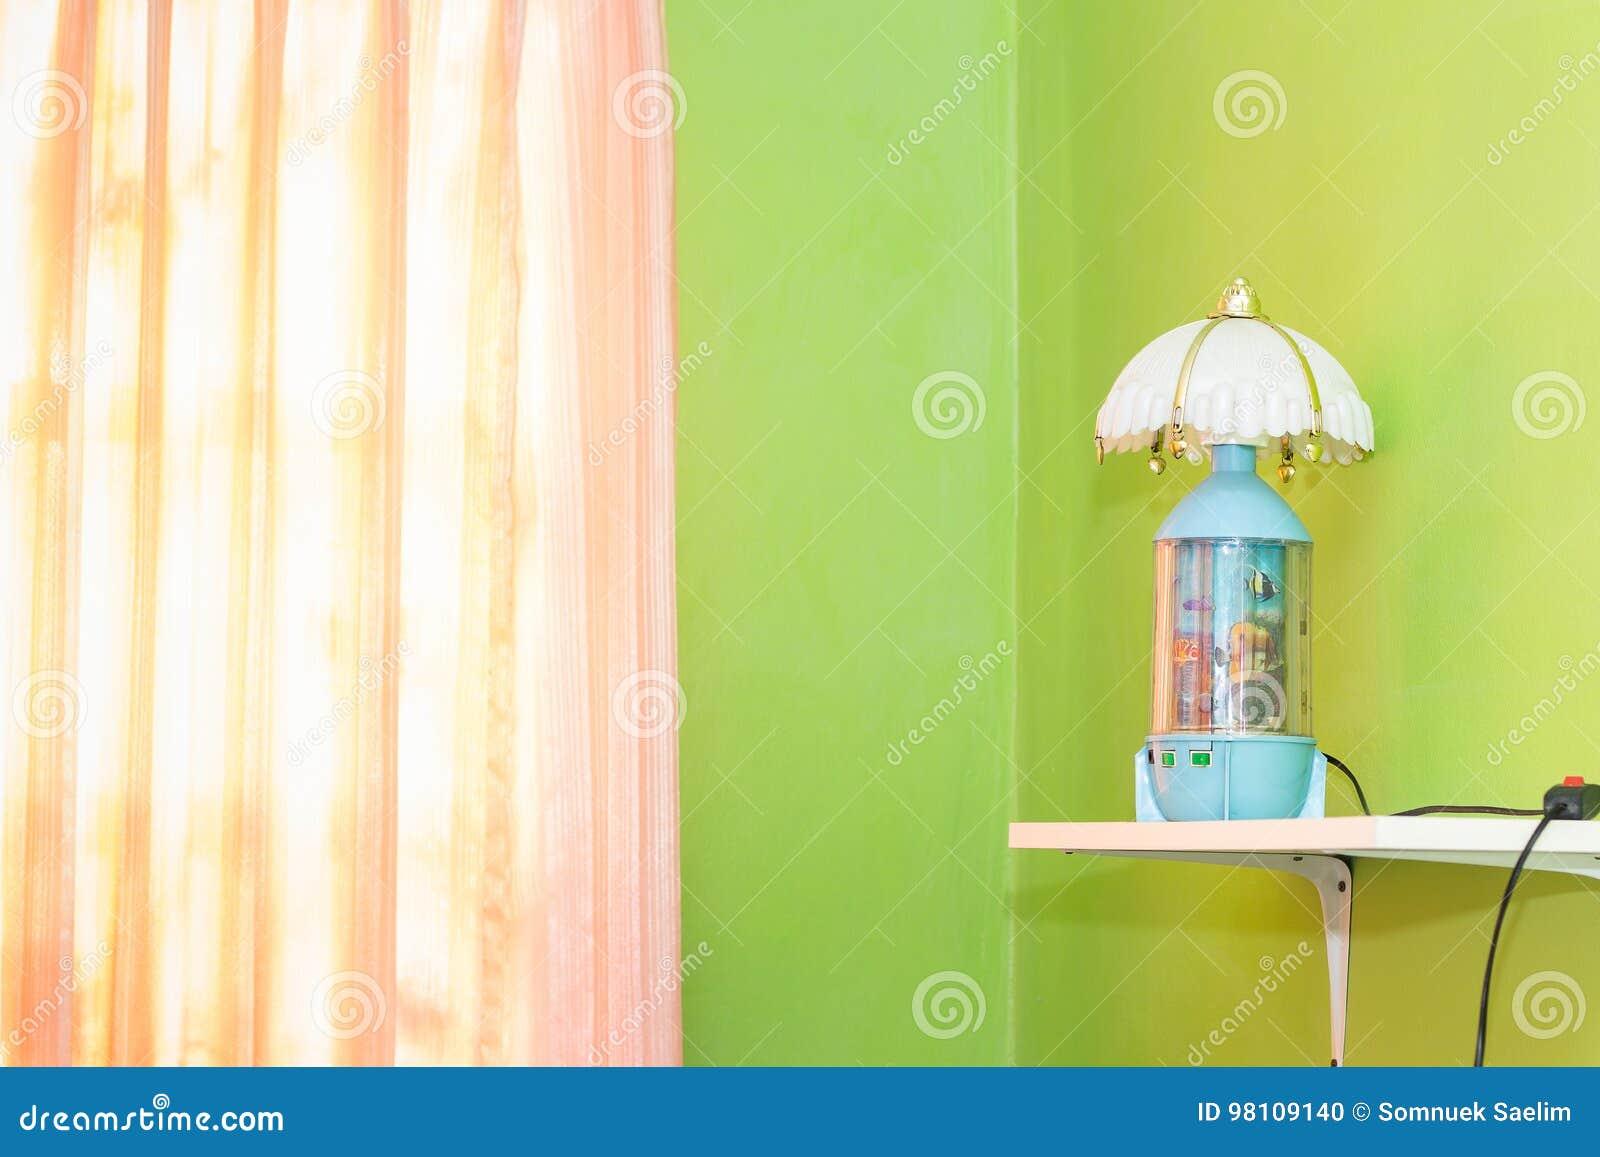 Roze Slaapkamer Lamp : De groene slaapkamer en het roze gordijn hebben lampen en bed met